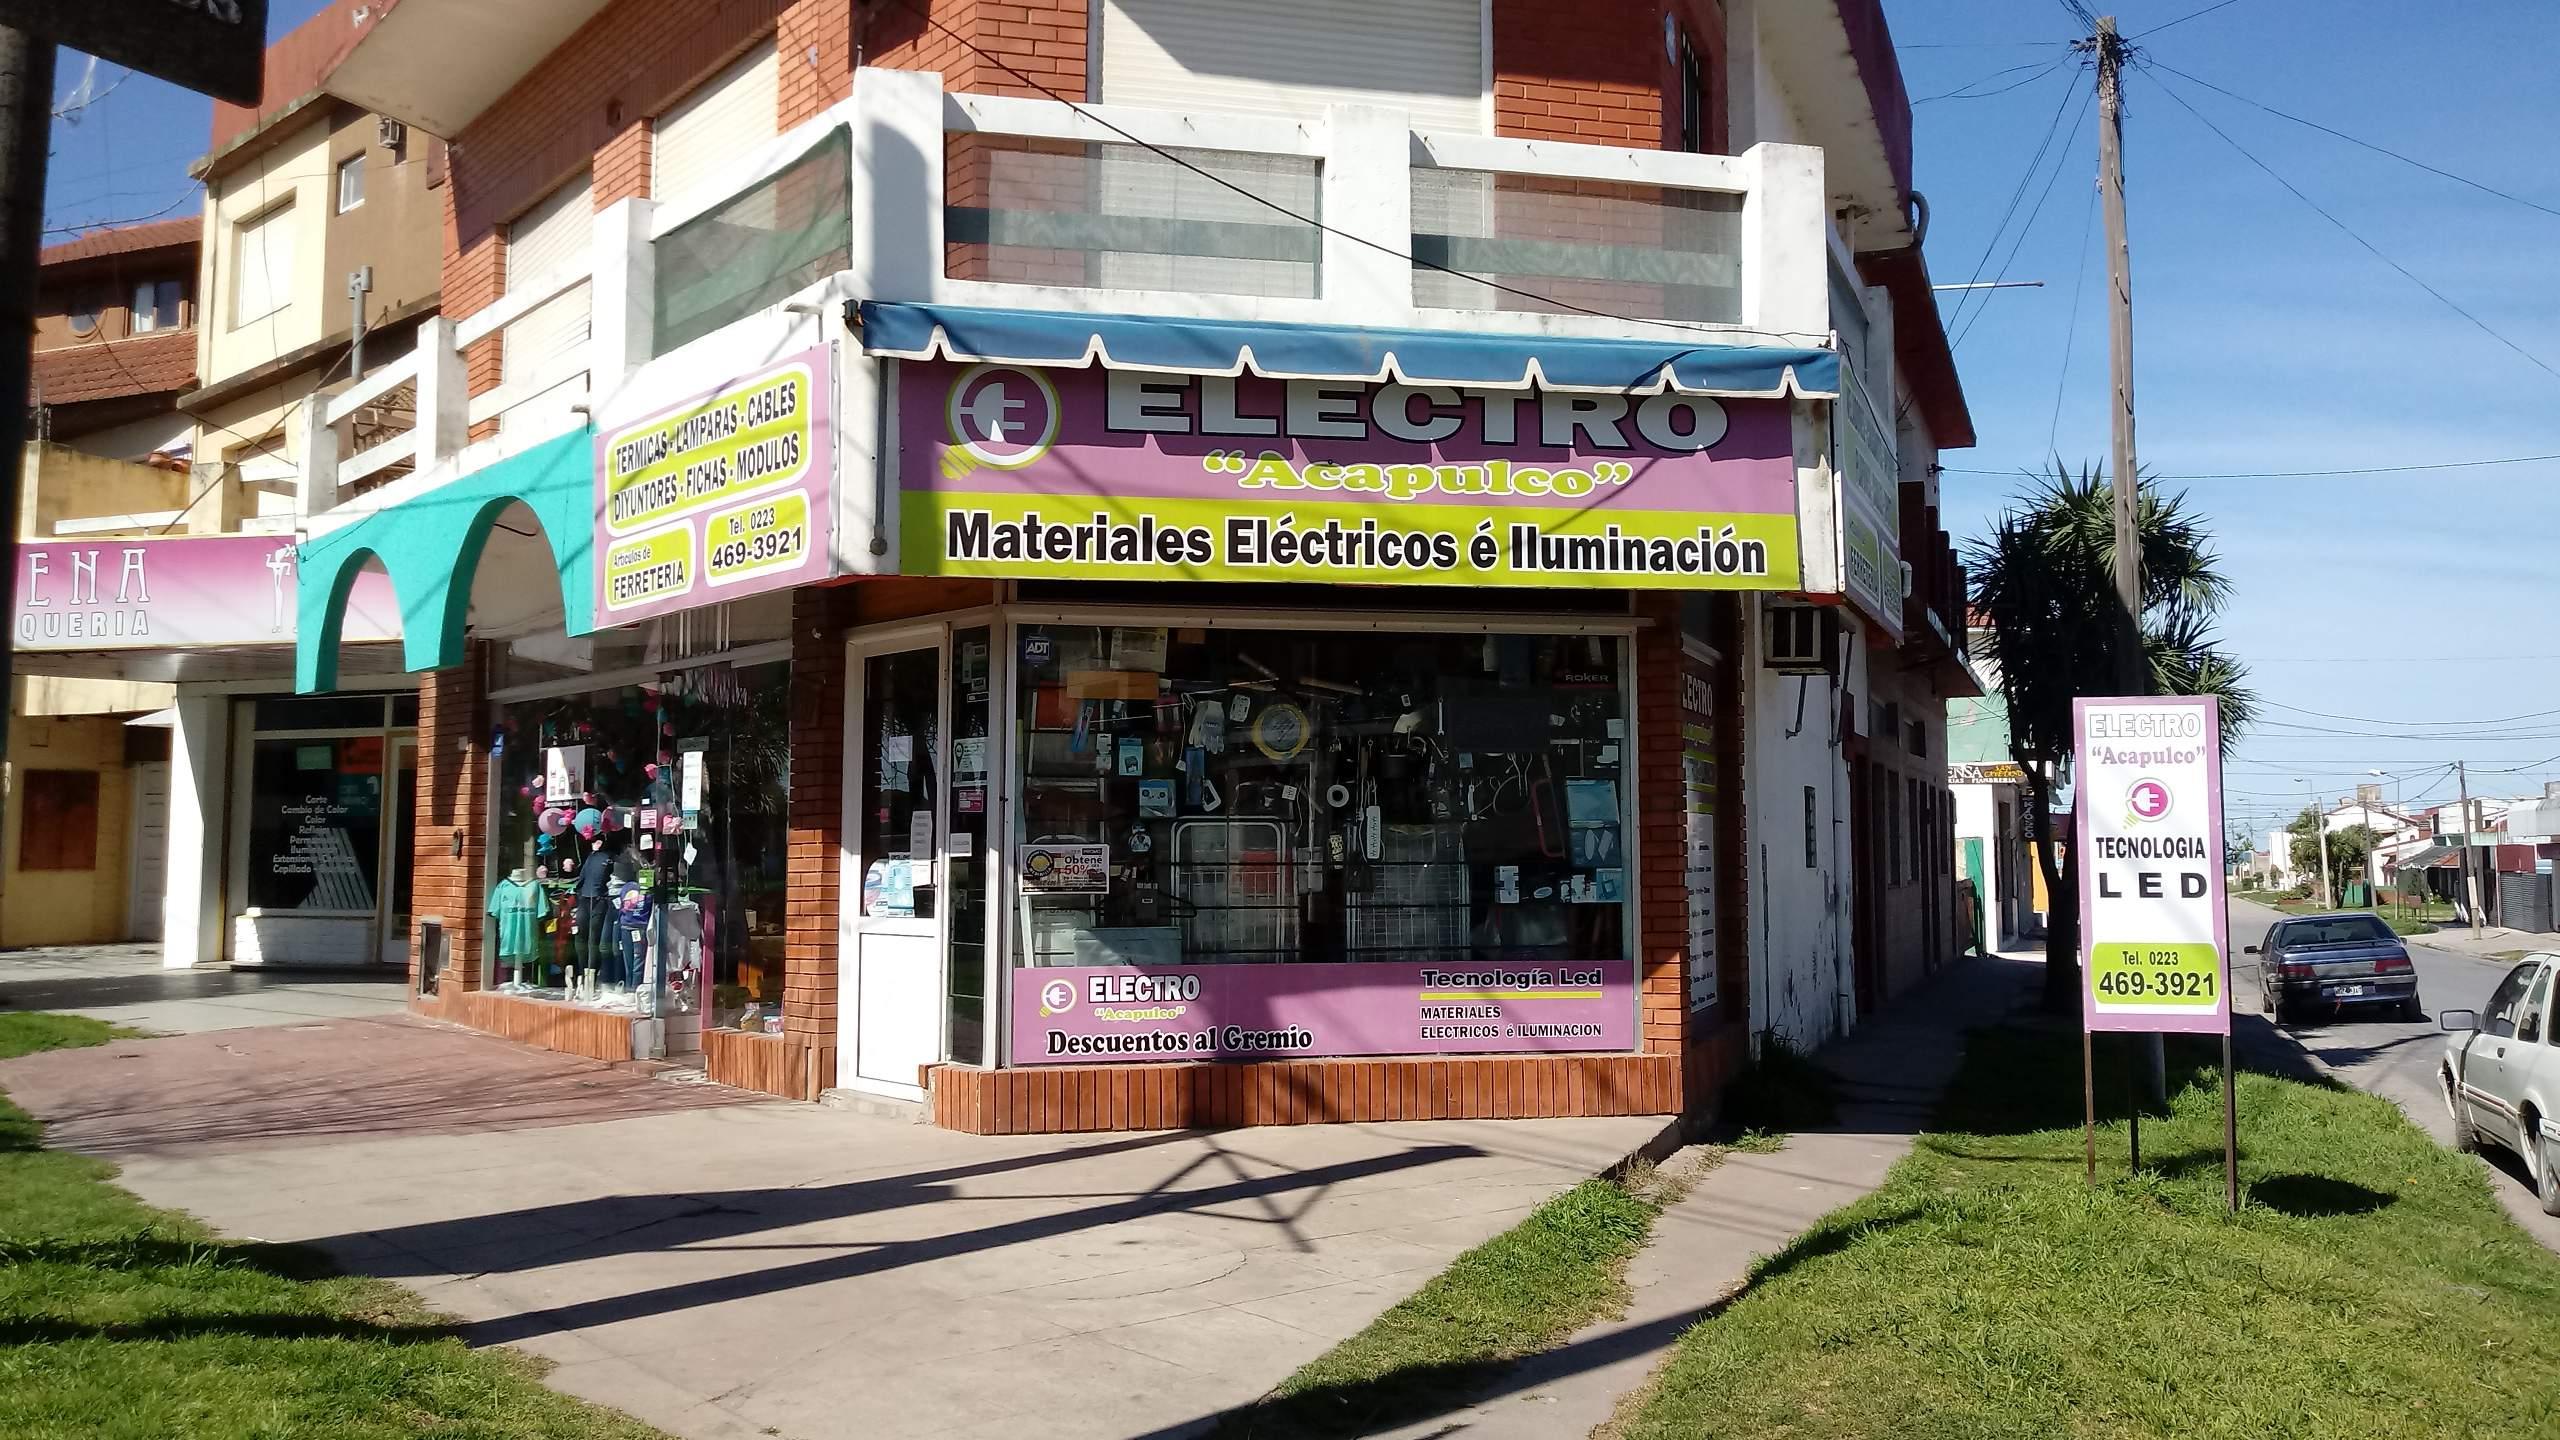 Electro Acapulco